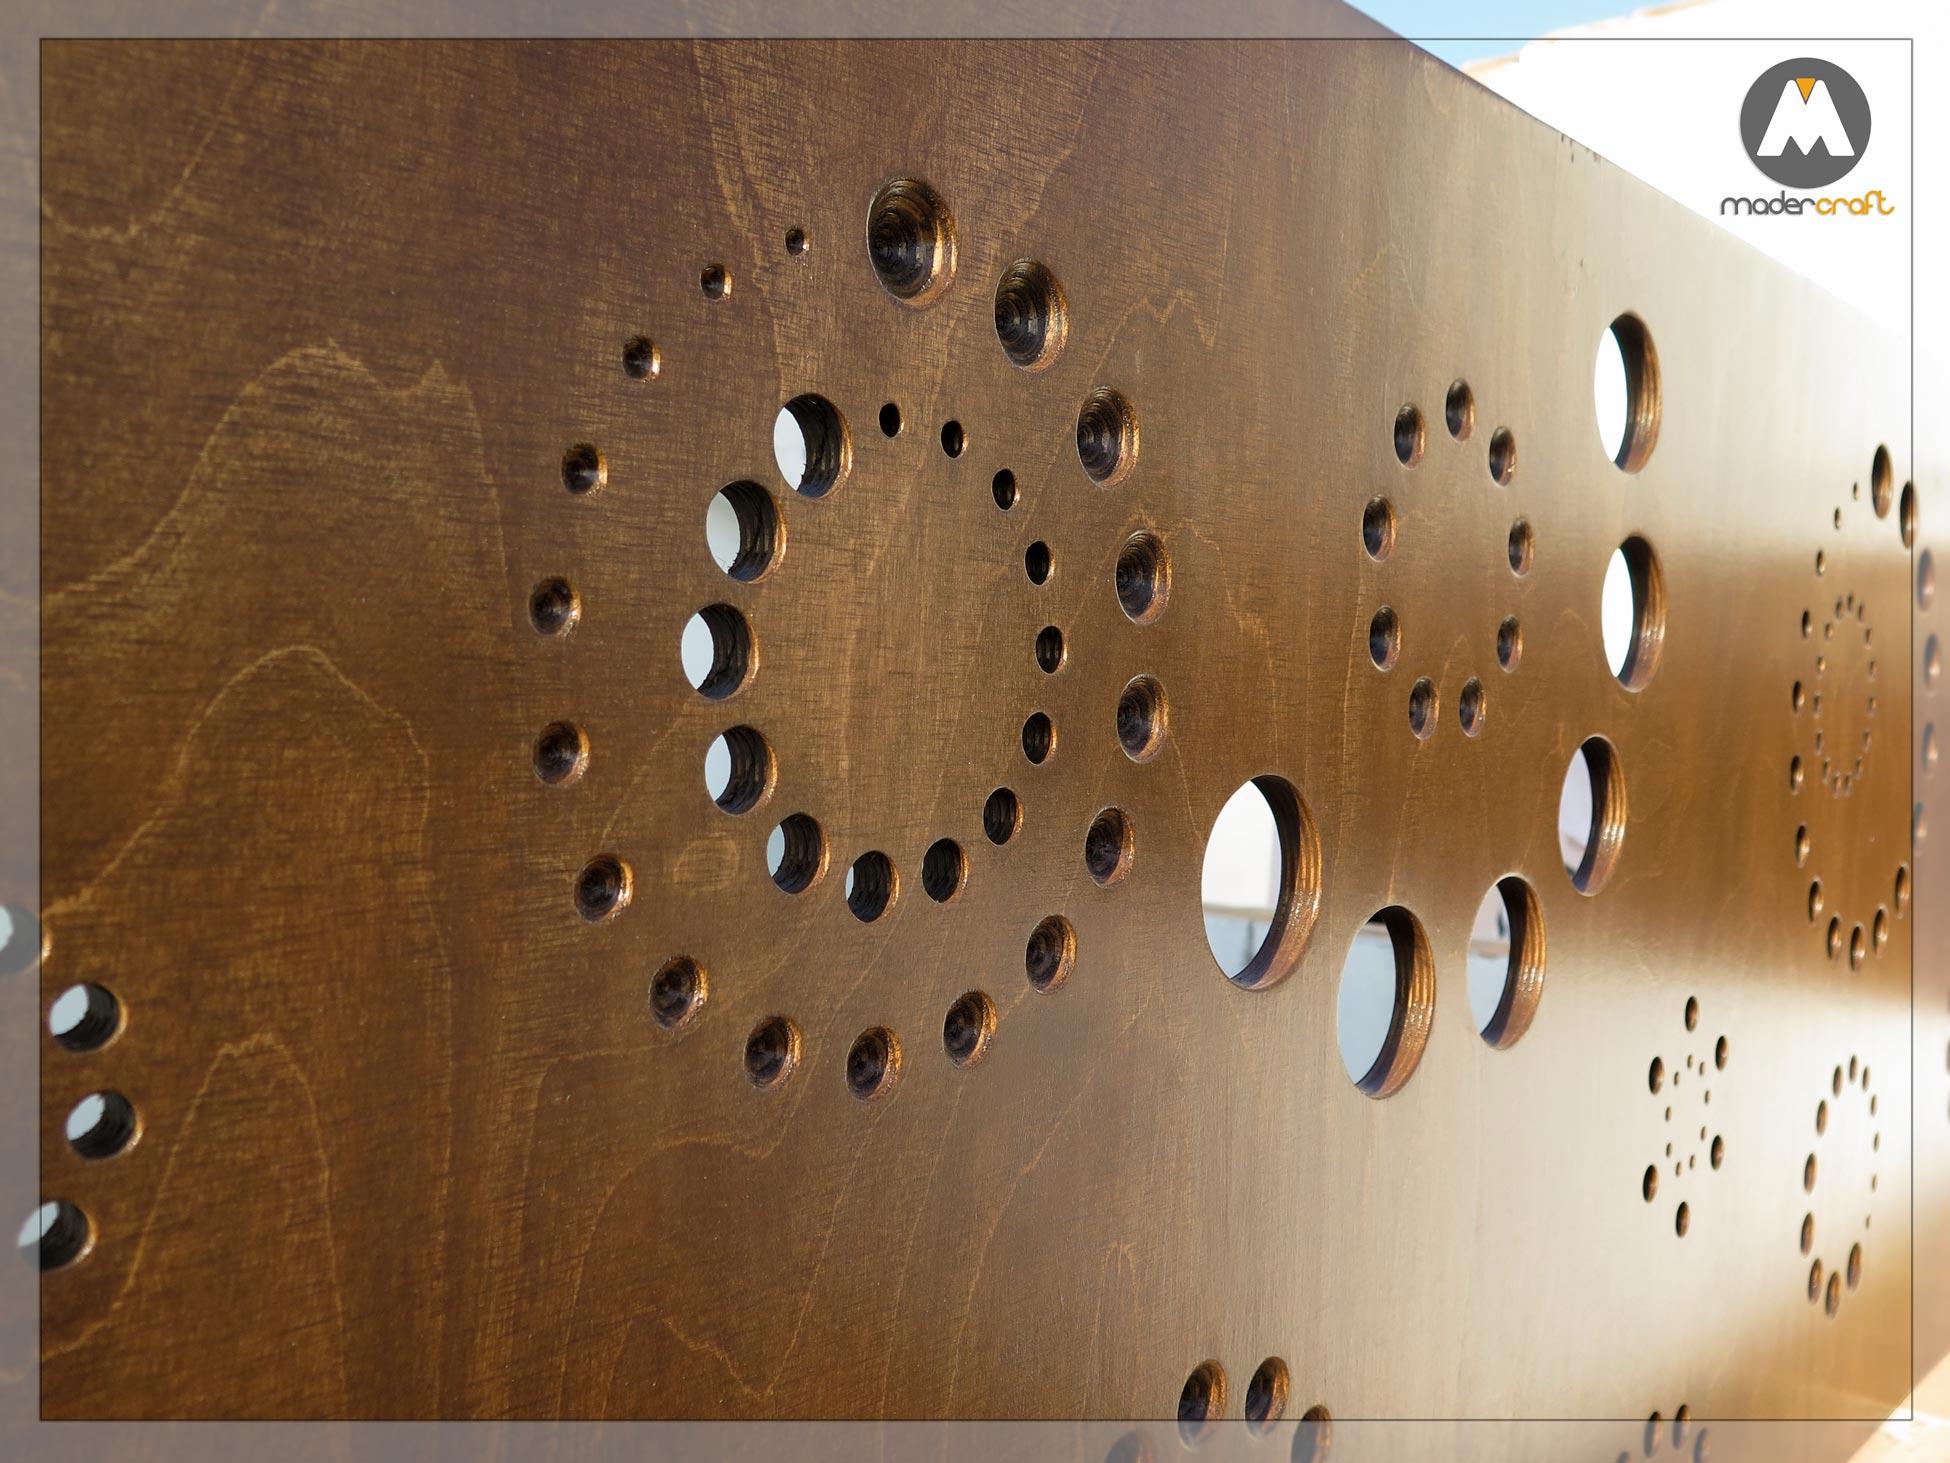 Celosía de madera para exterior de diseño, con círculos que proyecta unas sombras que hacen recordar a las galaxias